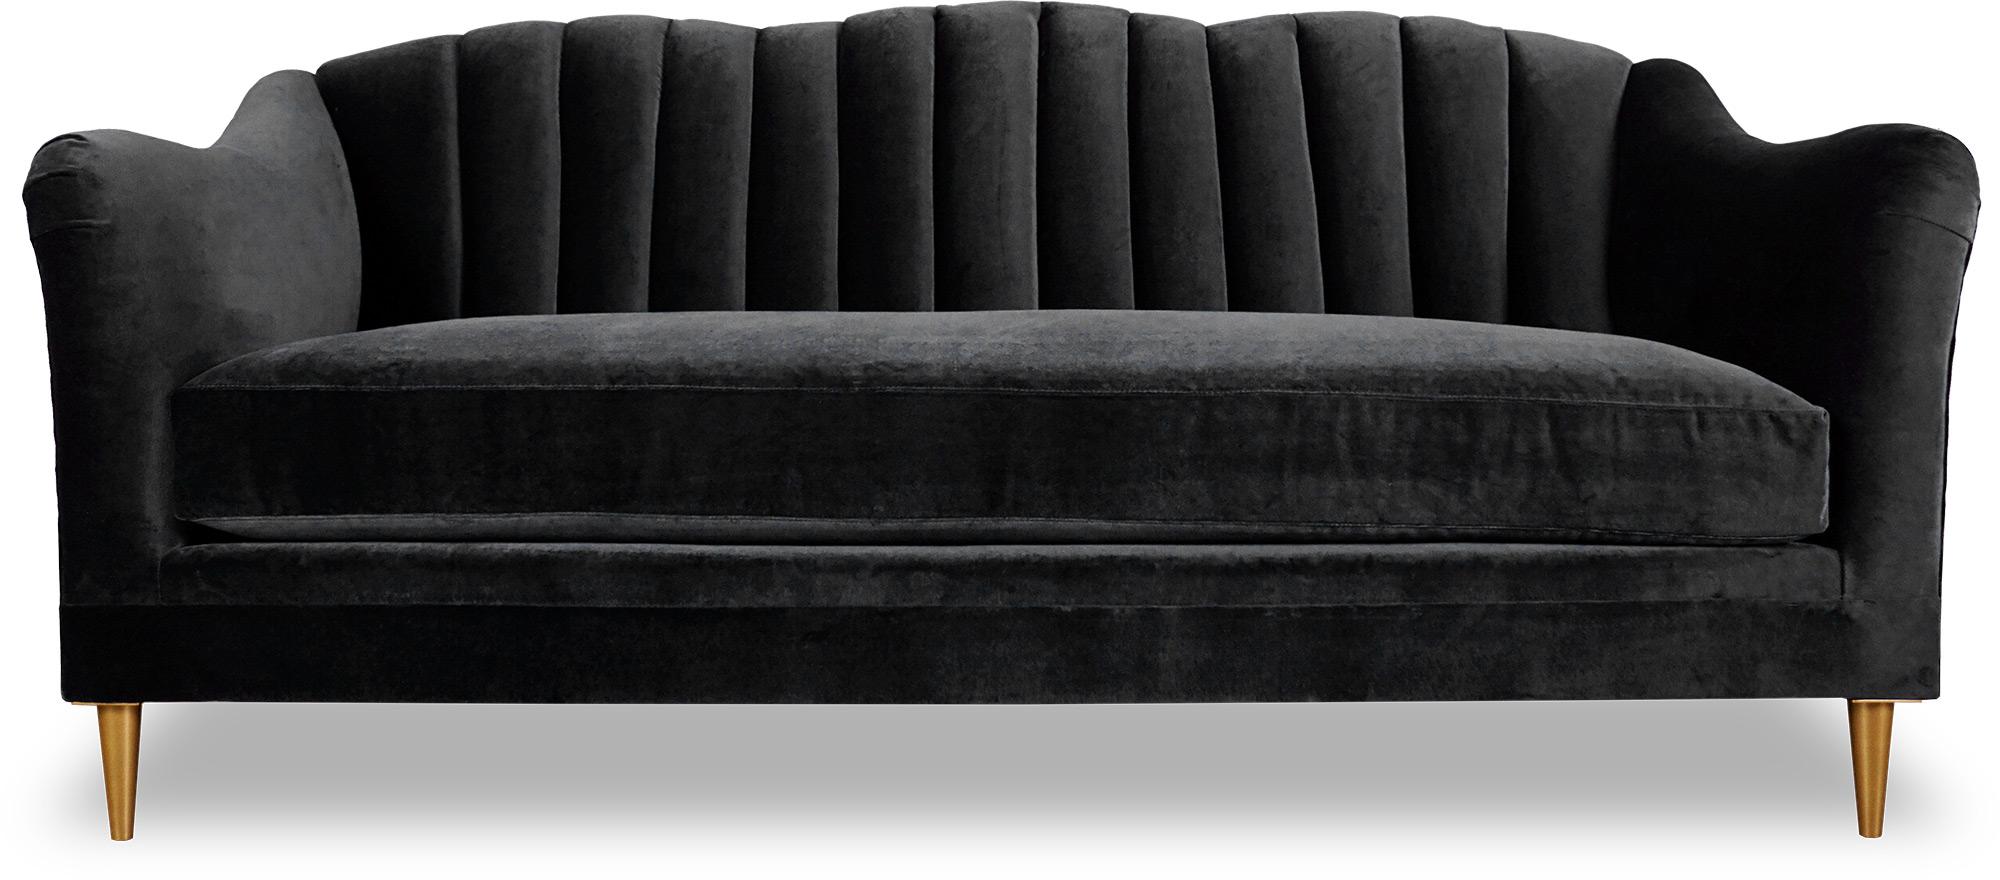 Design Schwarz Sofa 3 Sitzer Chesterfield Stoff Couch Sofa ...